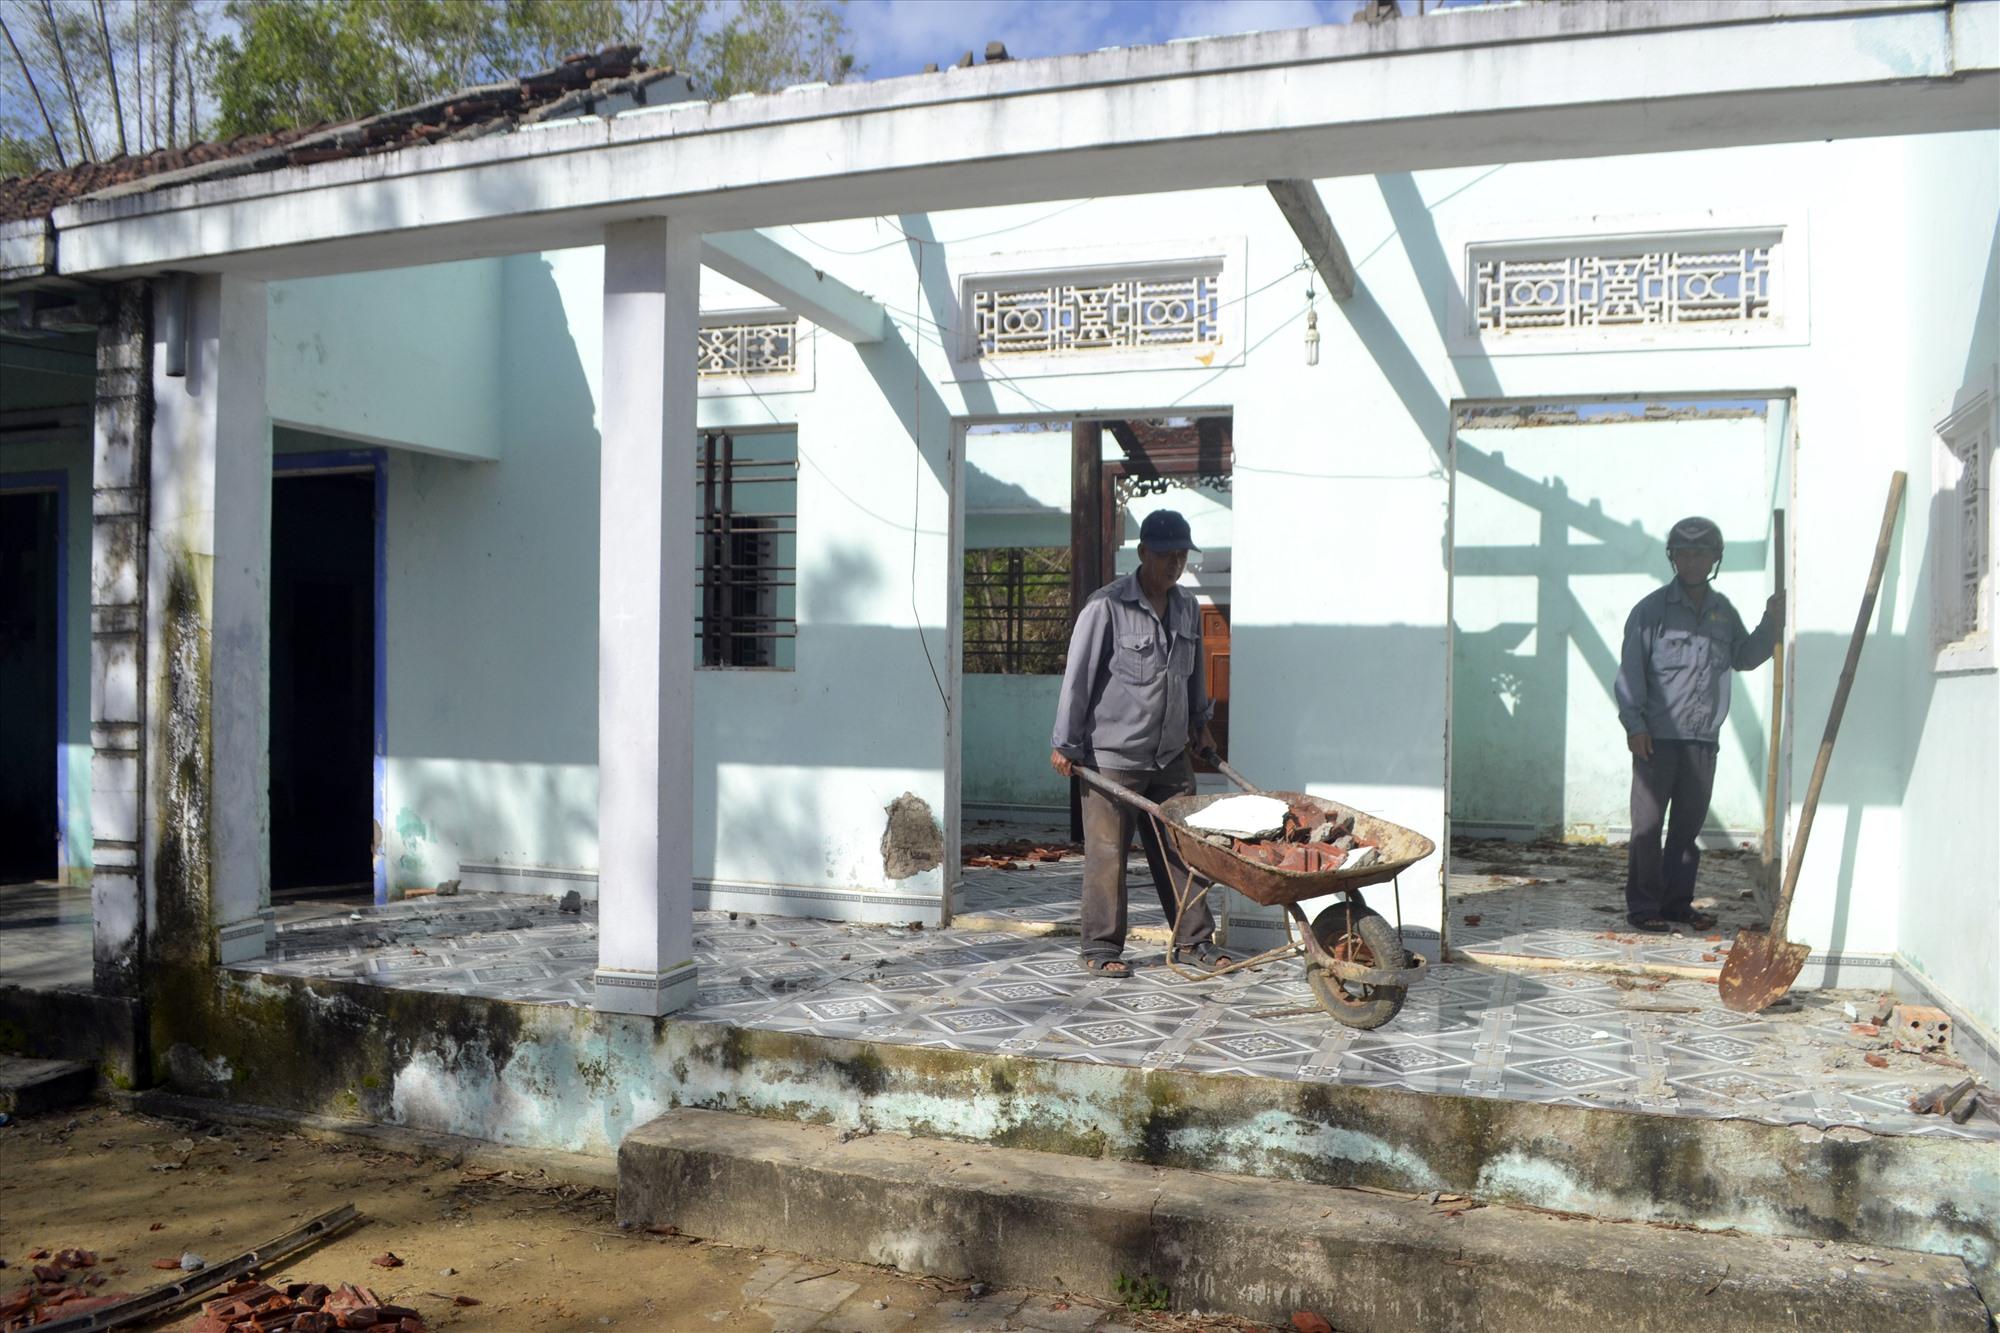 Nhà thầu hỗ trợ nhân lực để tháo dỡ nhà cửa cho hộ bà Nguyễn Thị Vân. Ảnh: C.T